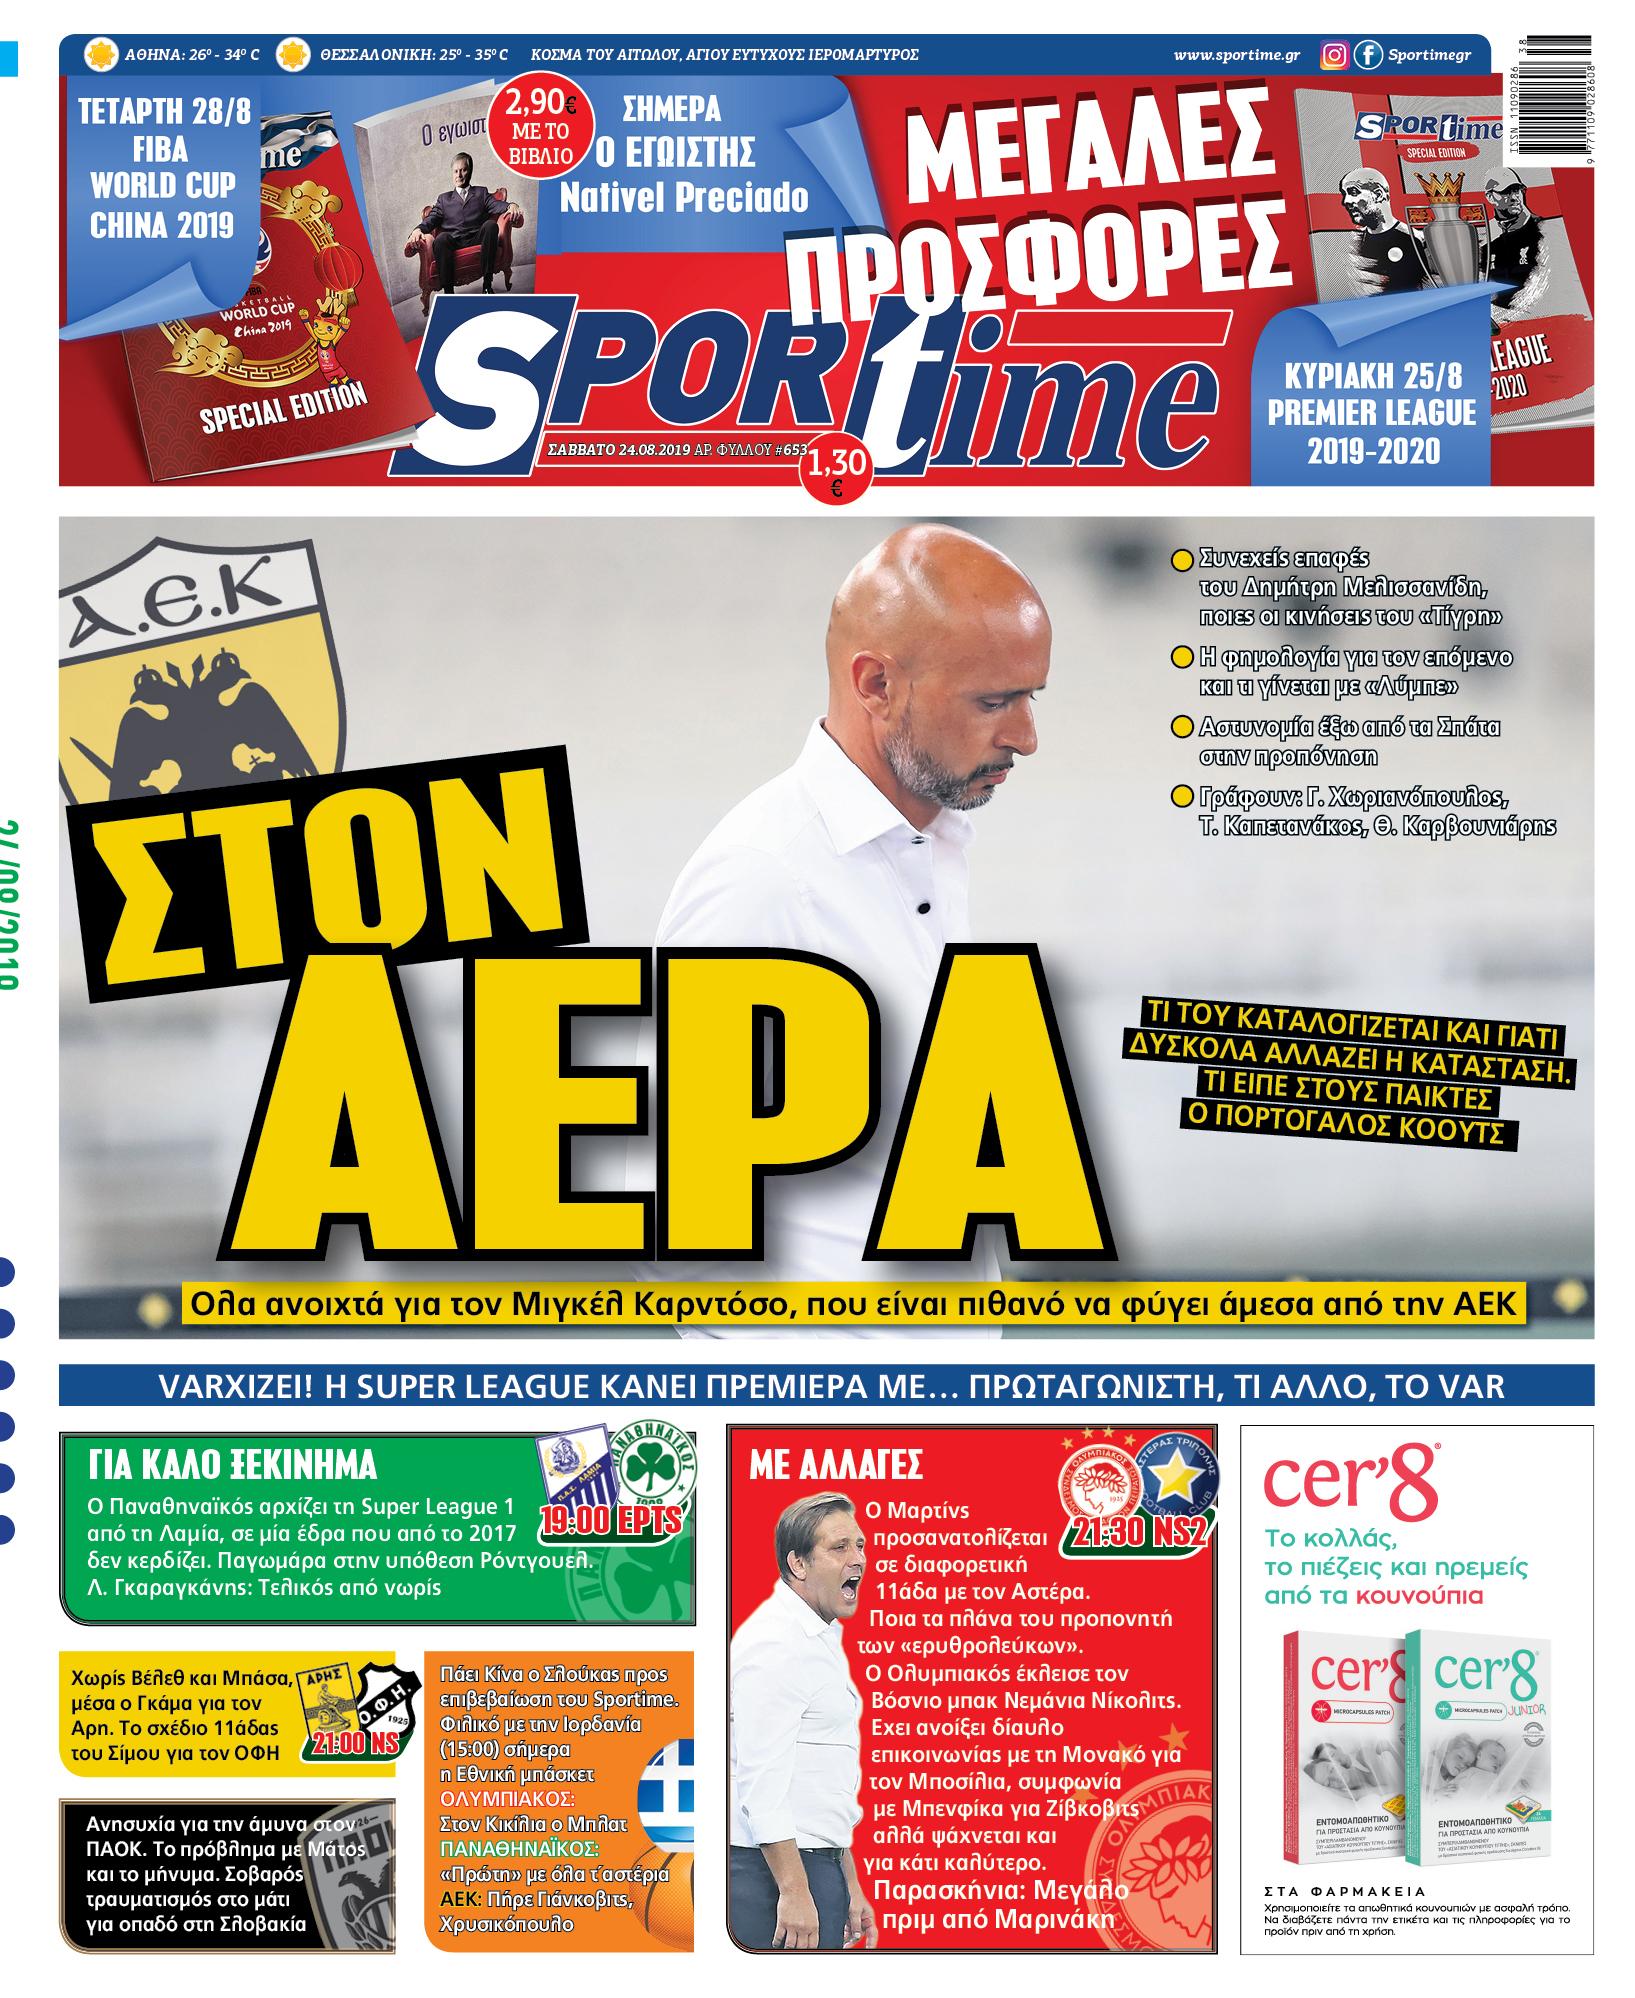 Εφημερίδα SPORTIME - Εξώφυλλο φύλλου 24/8/2019